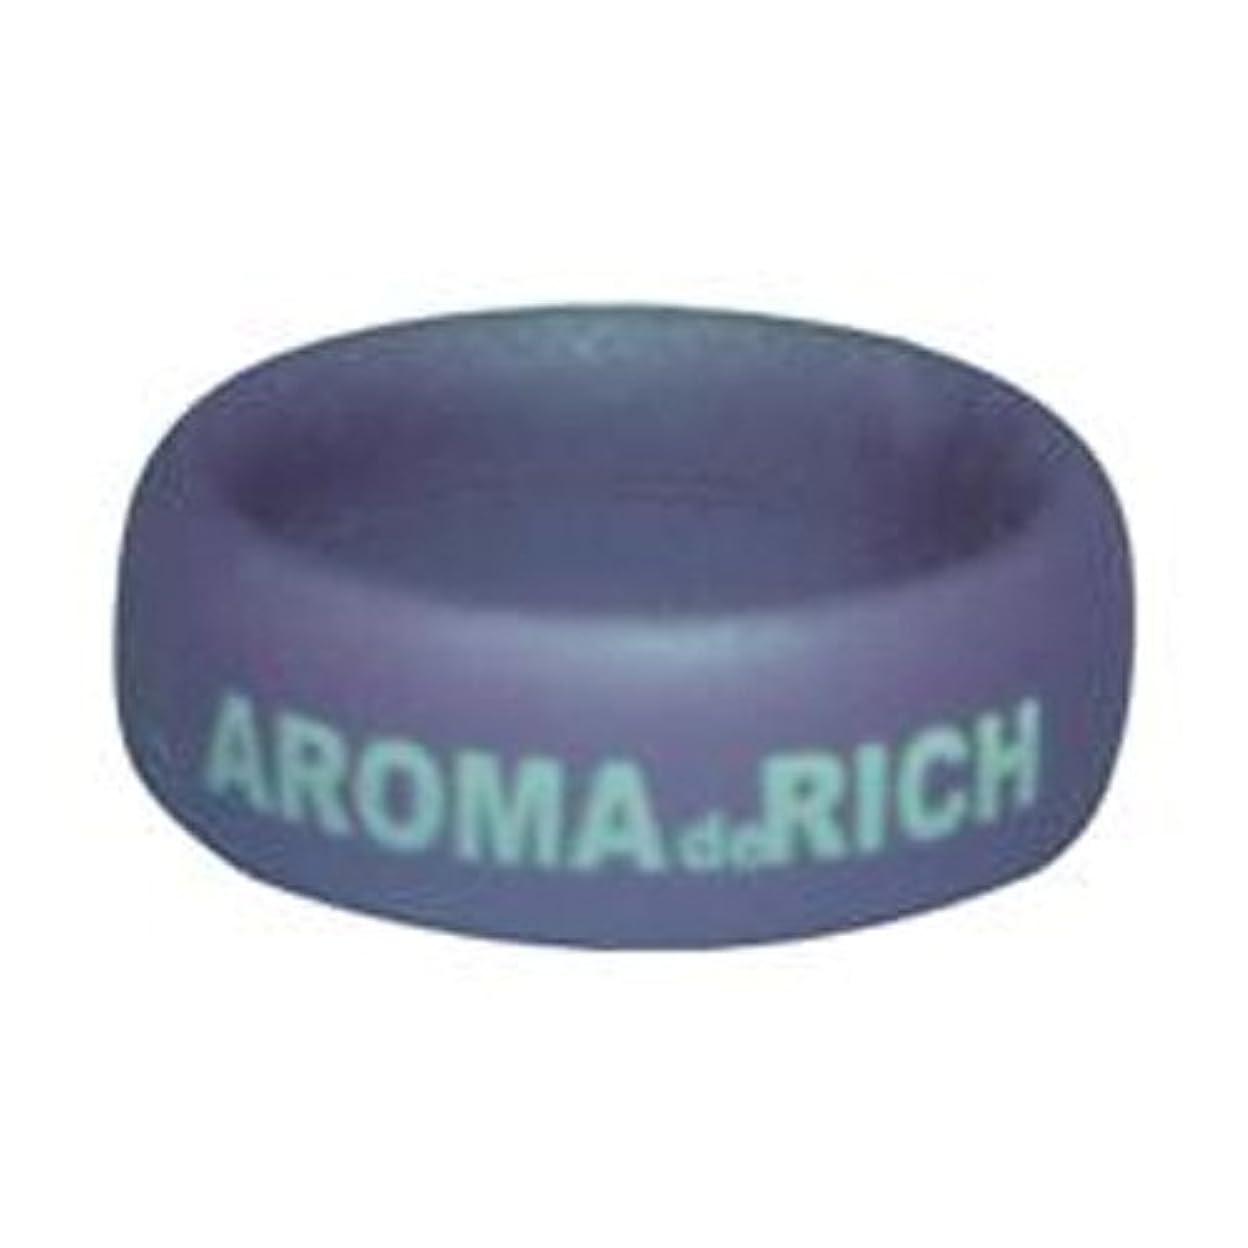 プロット巻き取り軽食AROMA DE RICH?RING アロマリングB 3個セット ラベンダー